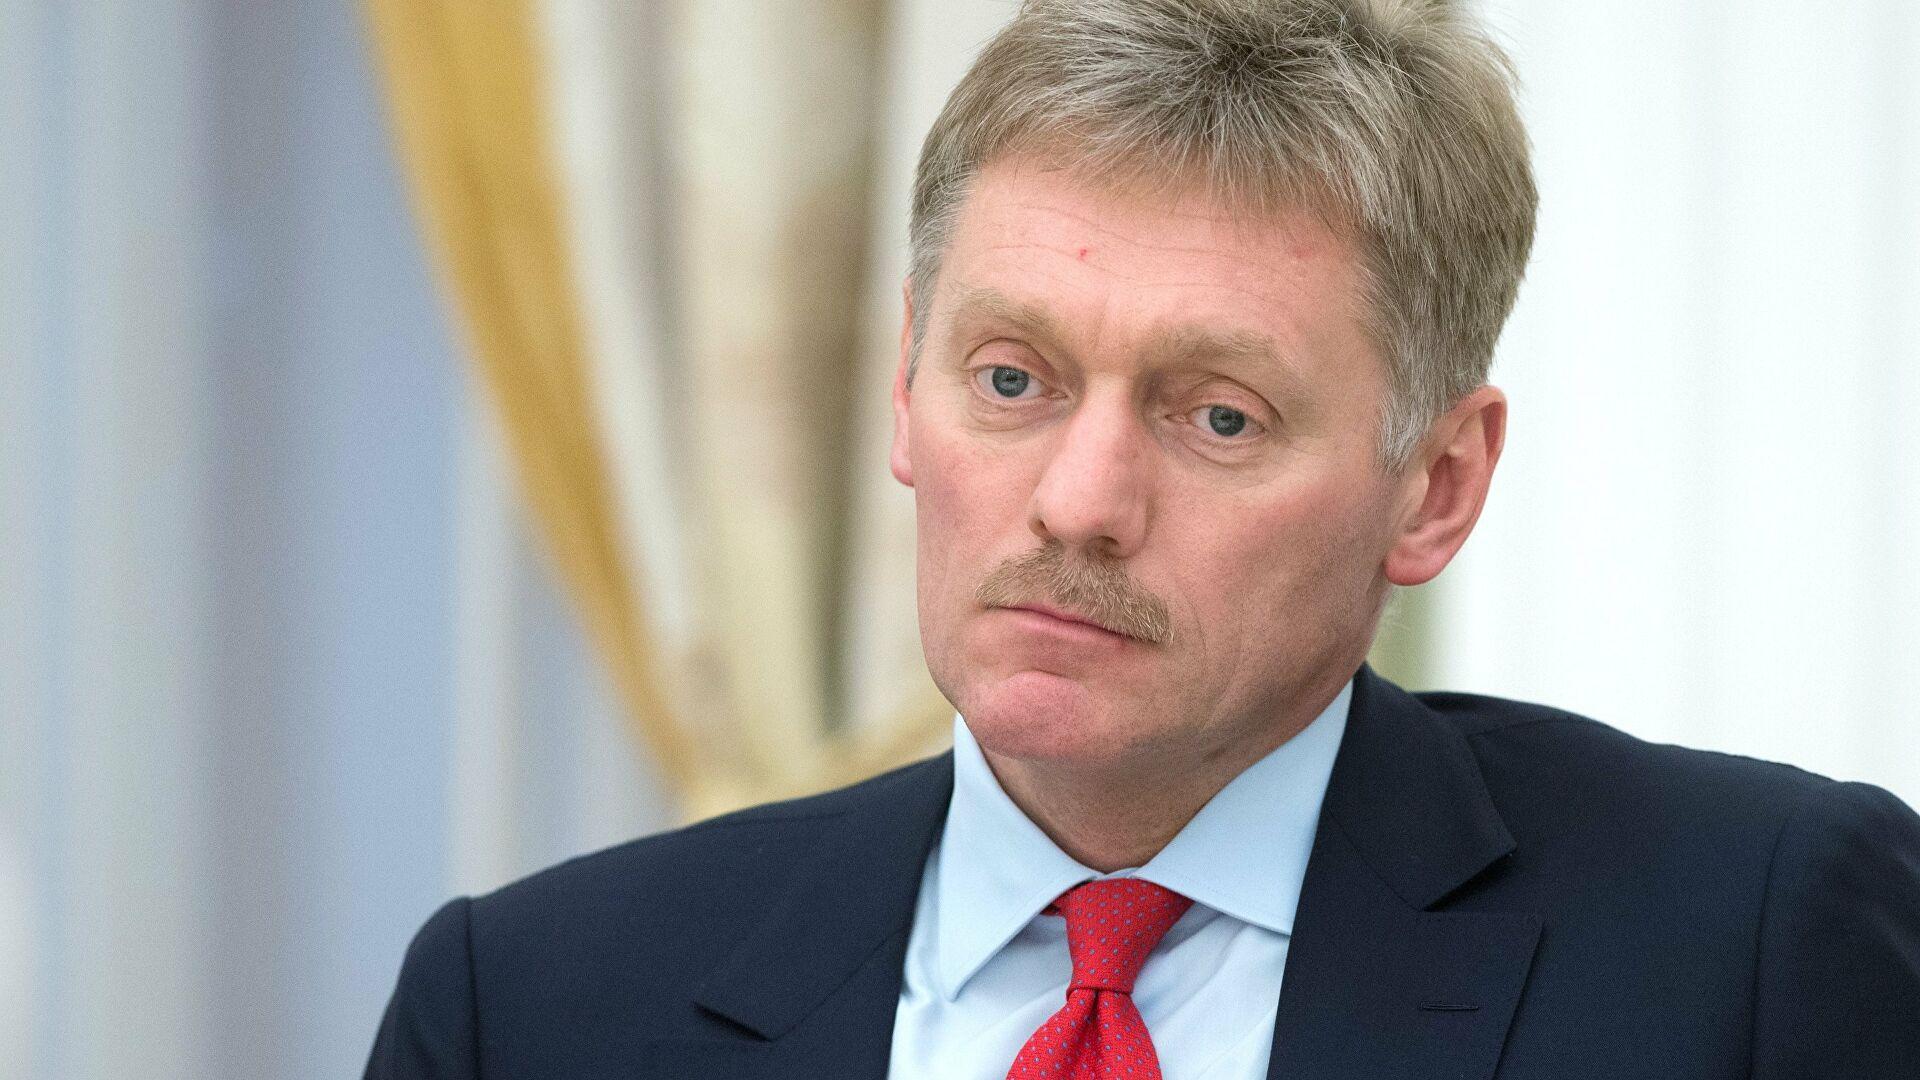 Peskov: Liderstvo u odlučivanju o sudbini naroda drugih zemalja, liderstvo u smeni političkih režima, to je hegemonija